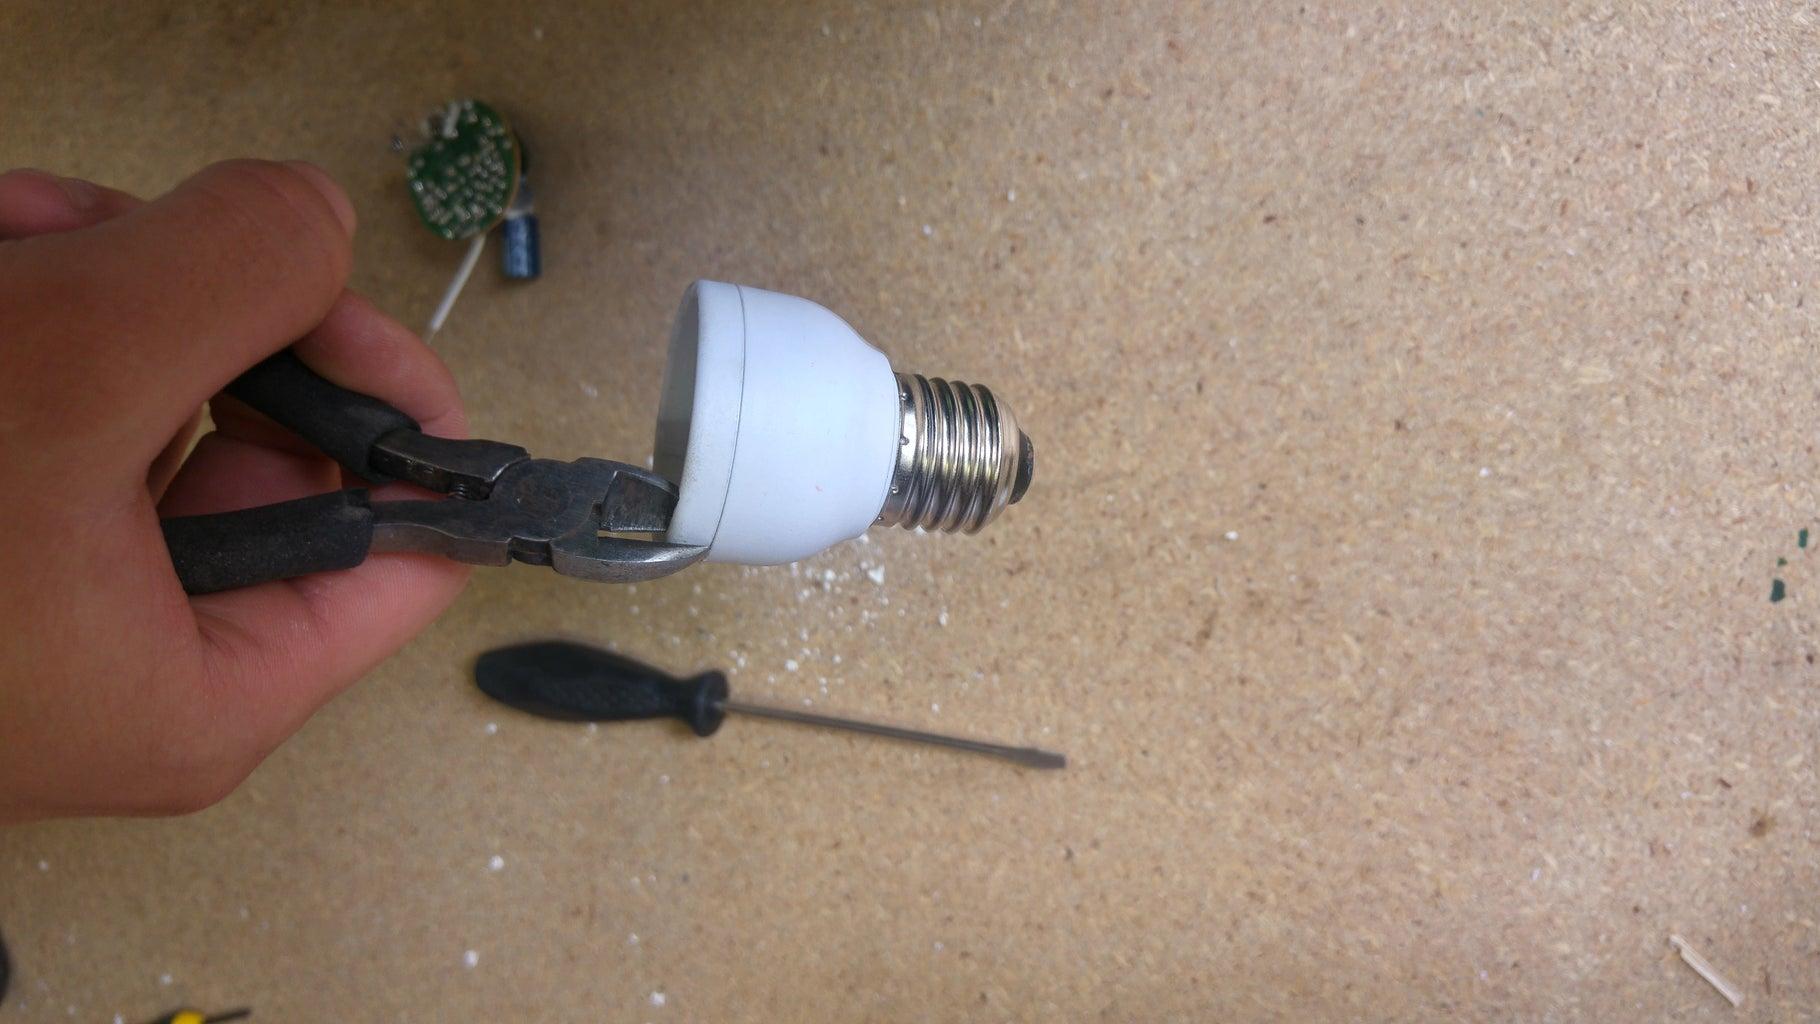 Demount the Light Bulb